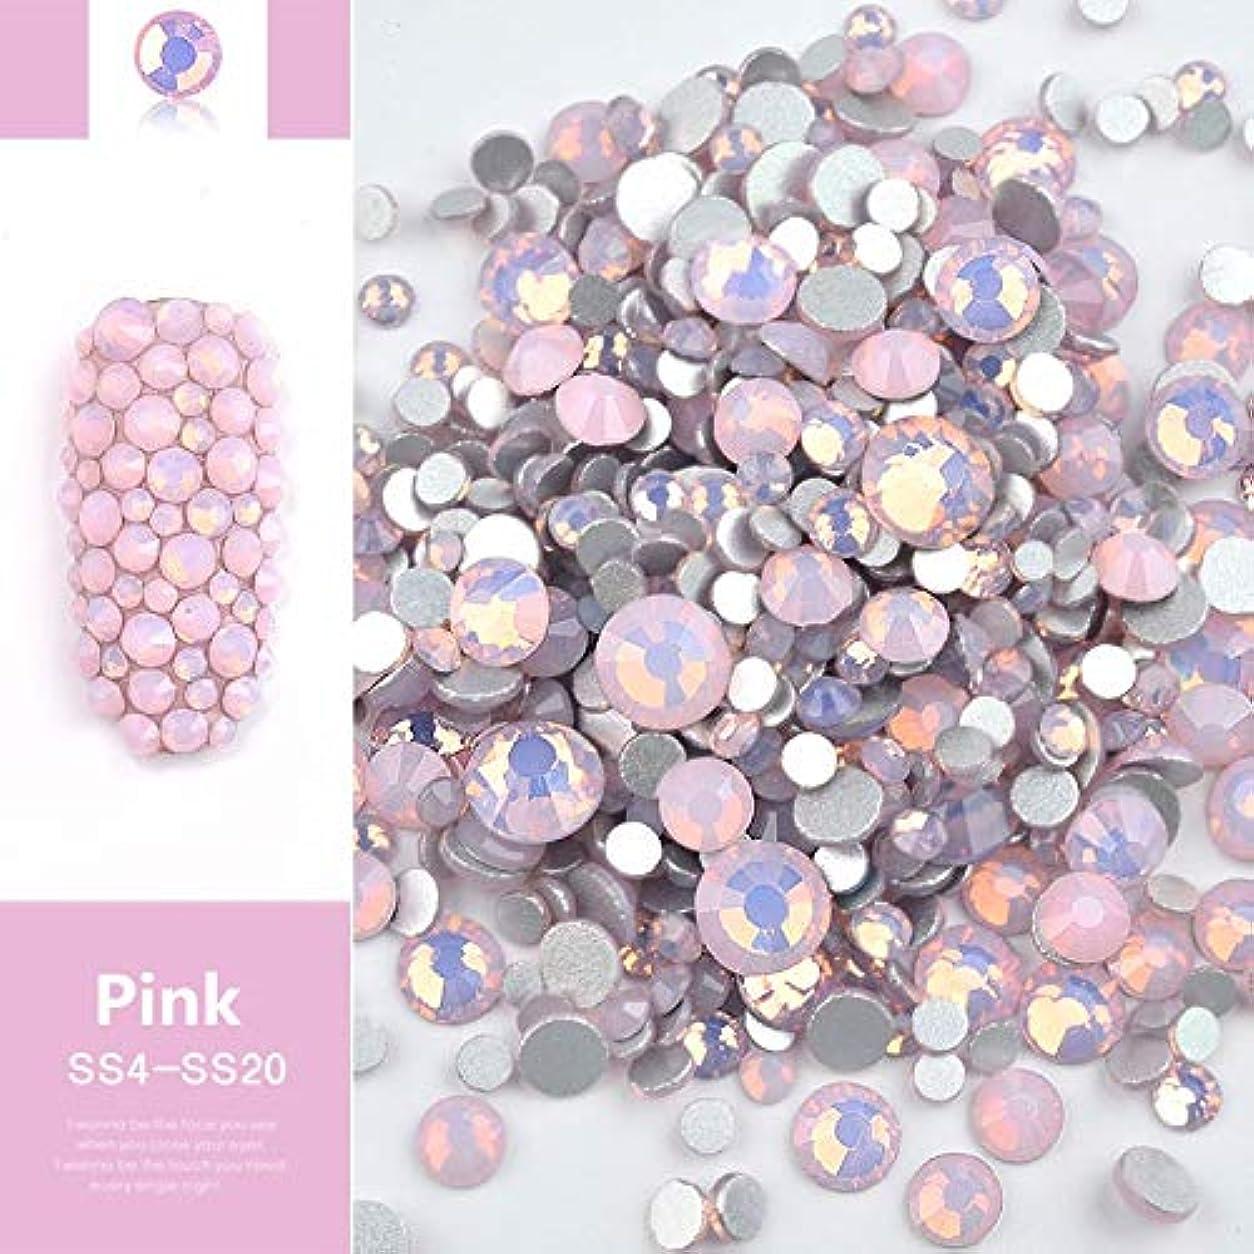 尋ねる素子手綱ALEXBIAN ビーズ樹脂クリスタルラウンドネイルアートミックスフラットバックアクリルラインストーンミックスサイズ1.5-4.5 mm装飾用ネイル (Color : Pink)